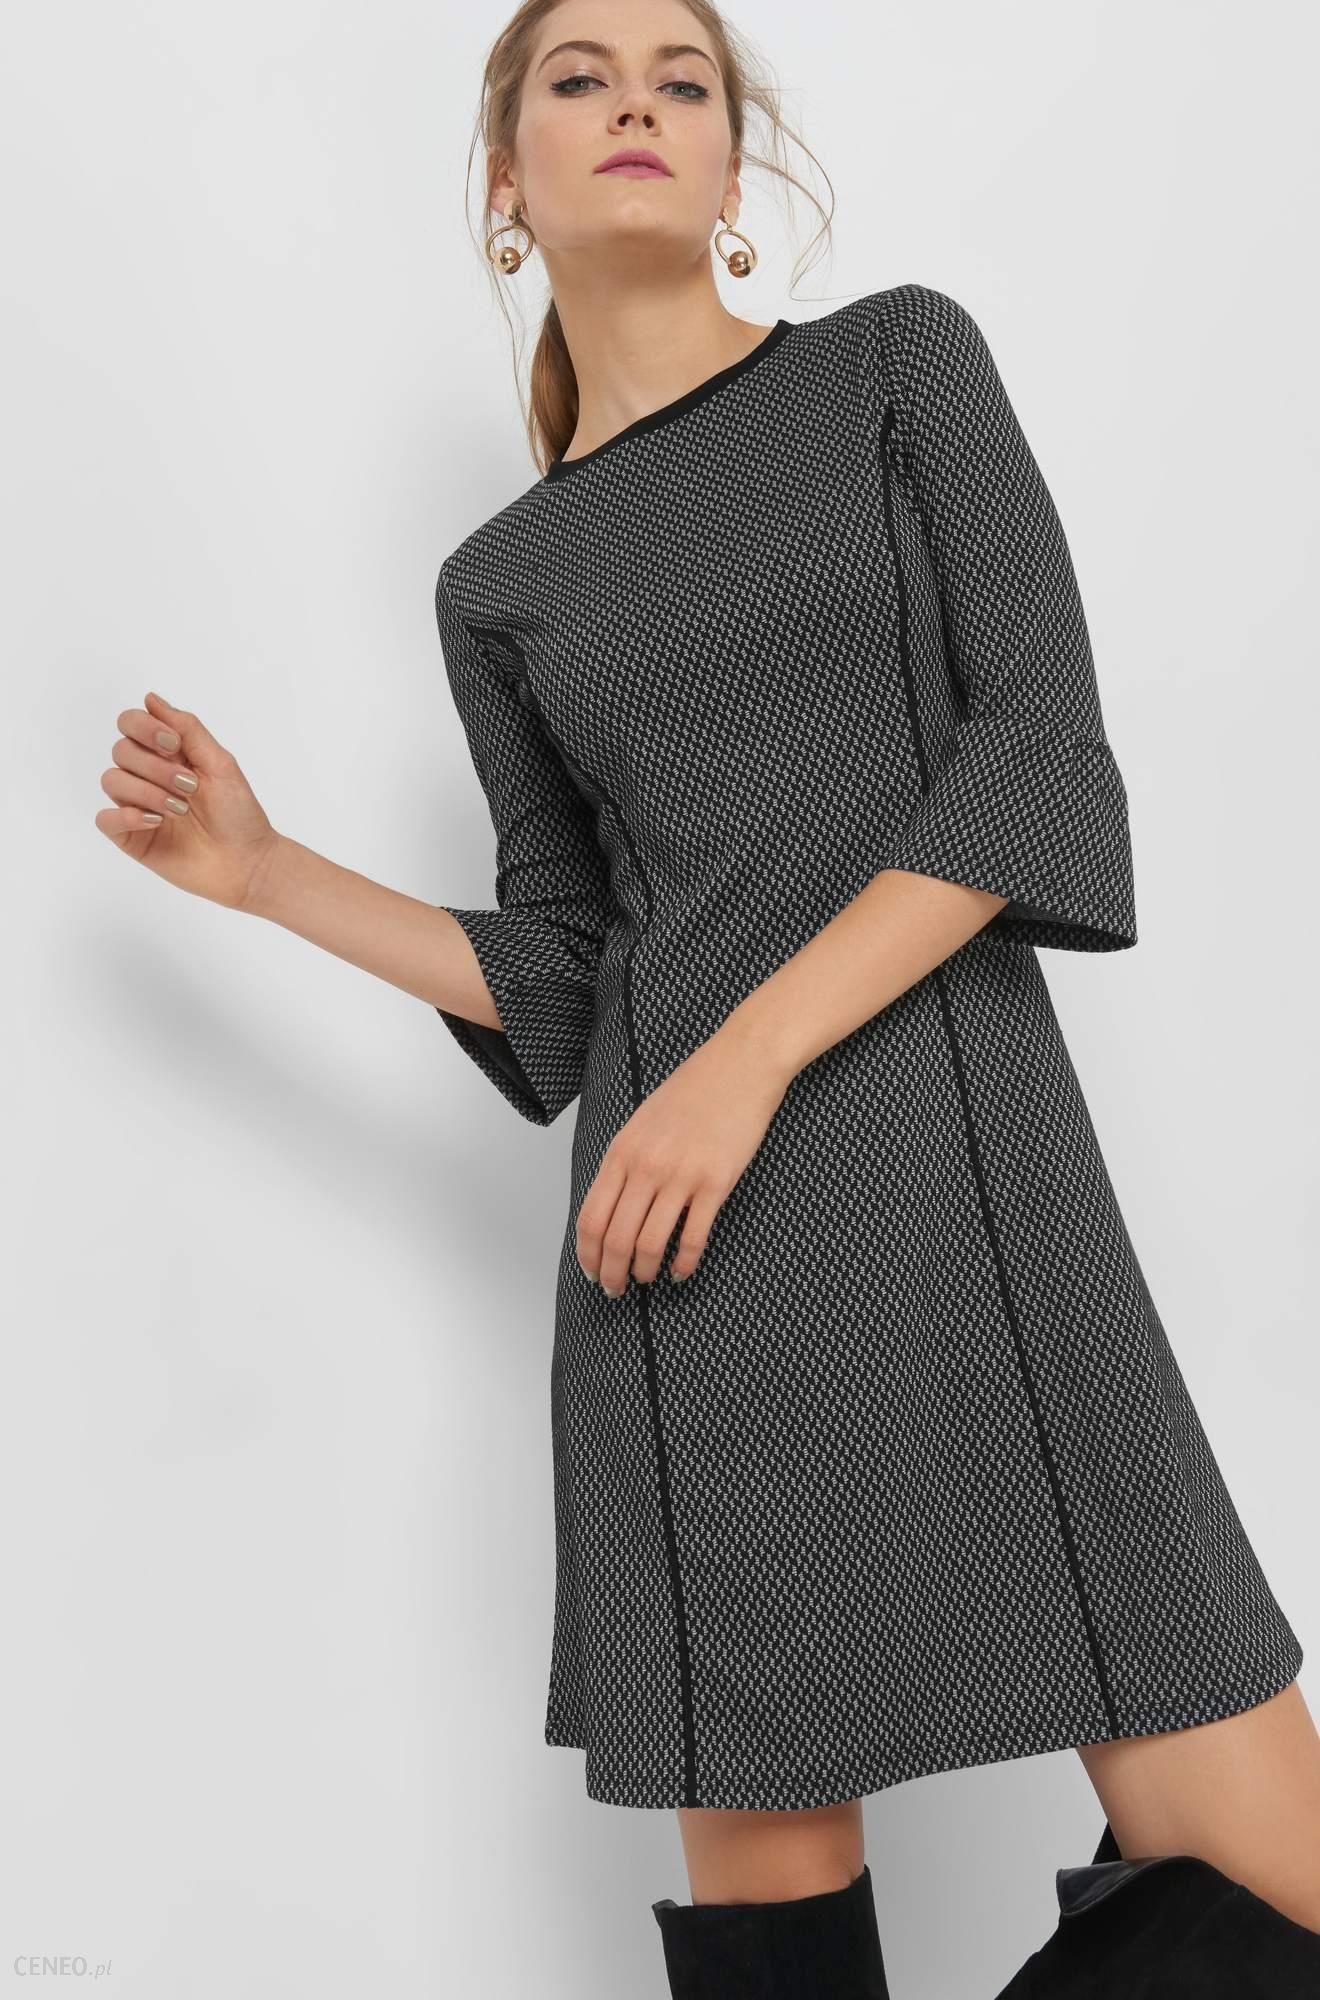 96b7d092 Orsay Trapezowa sukienka żakardowa - Ceny i opinie - Ceneo.pl